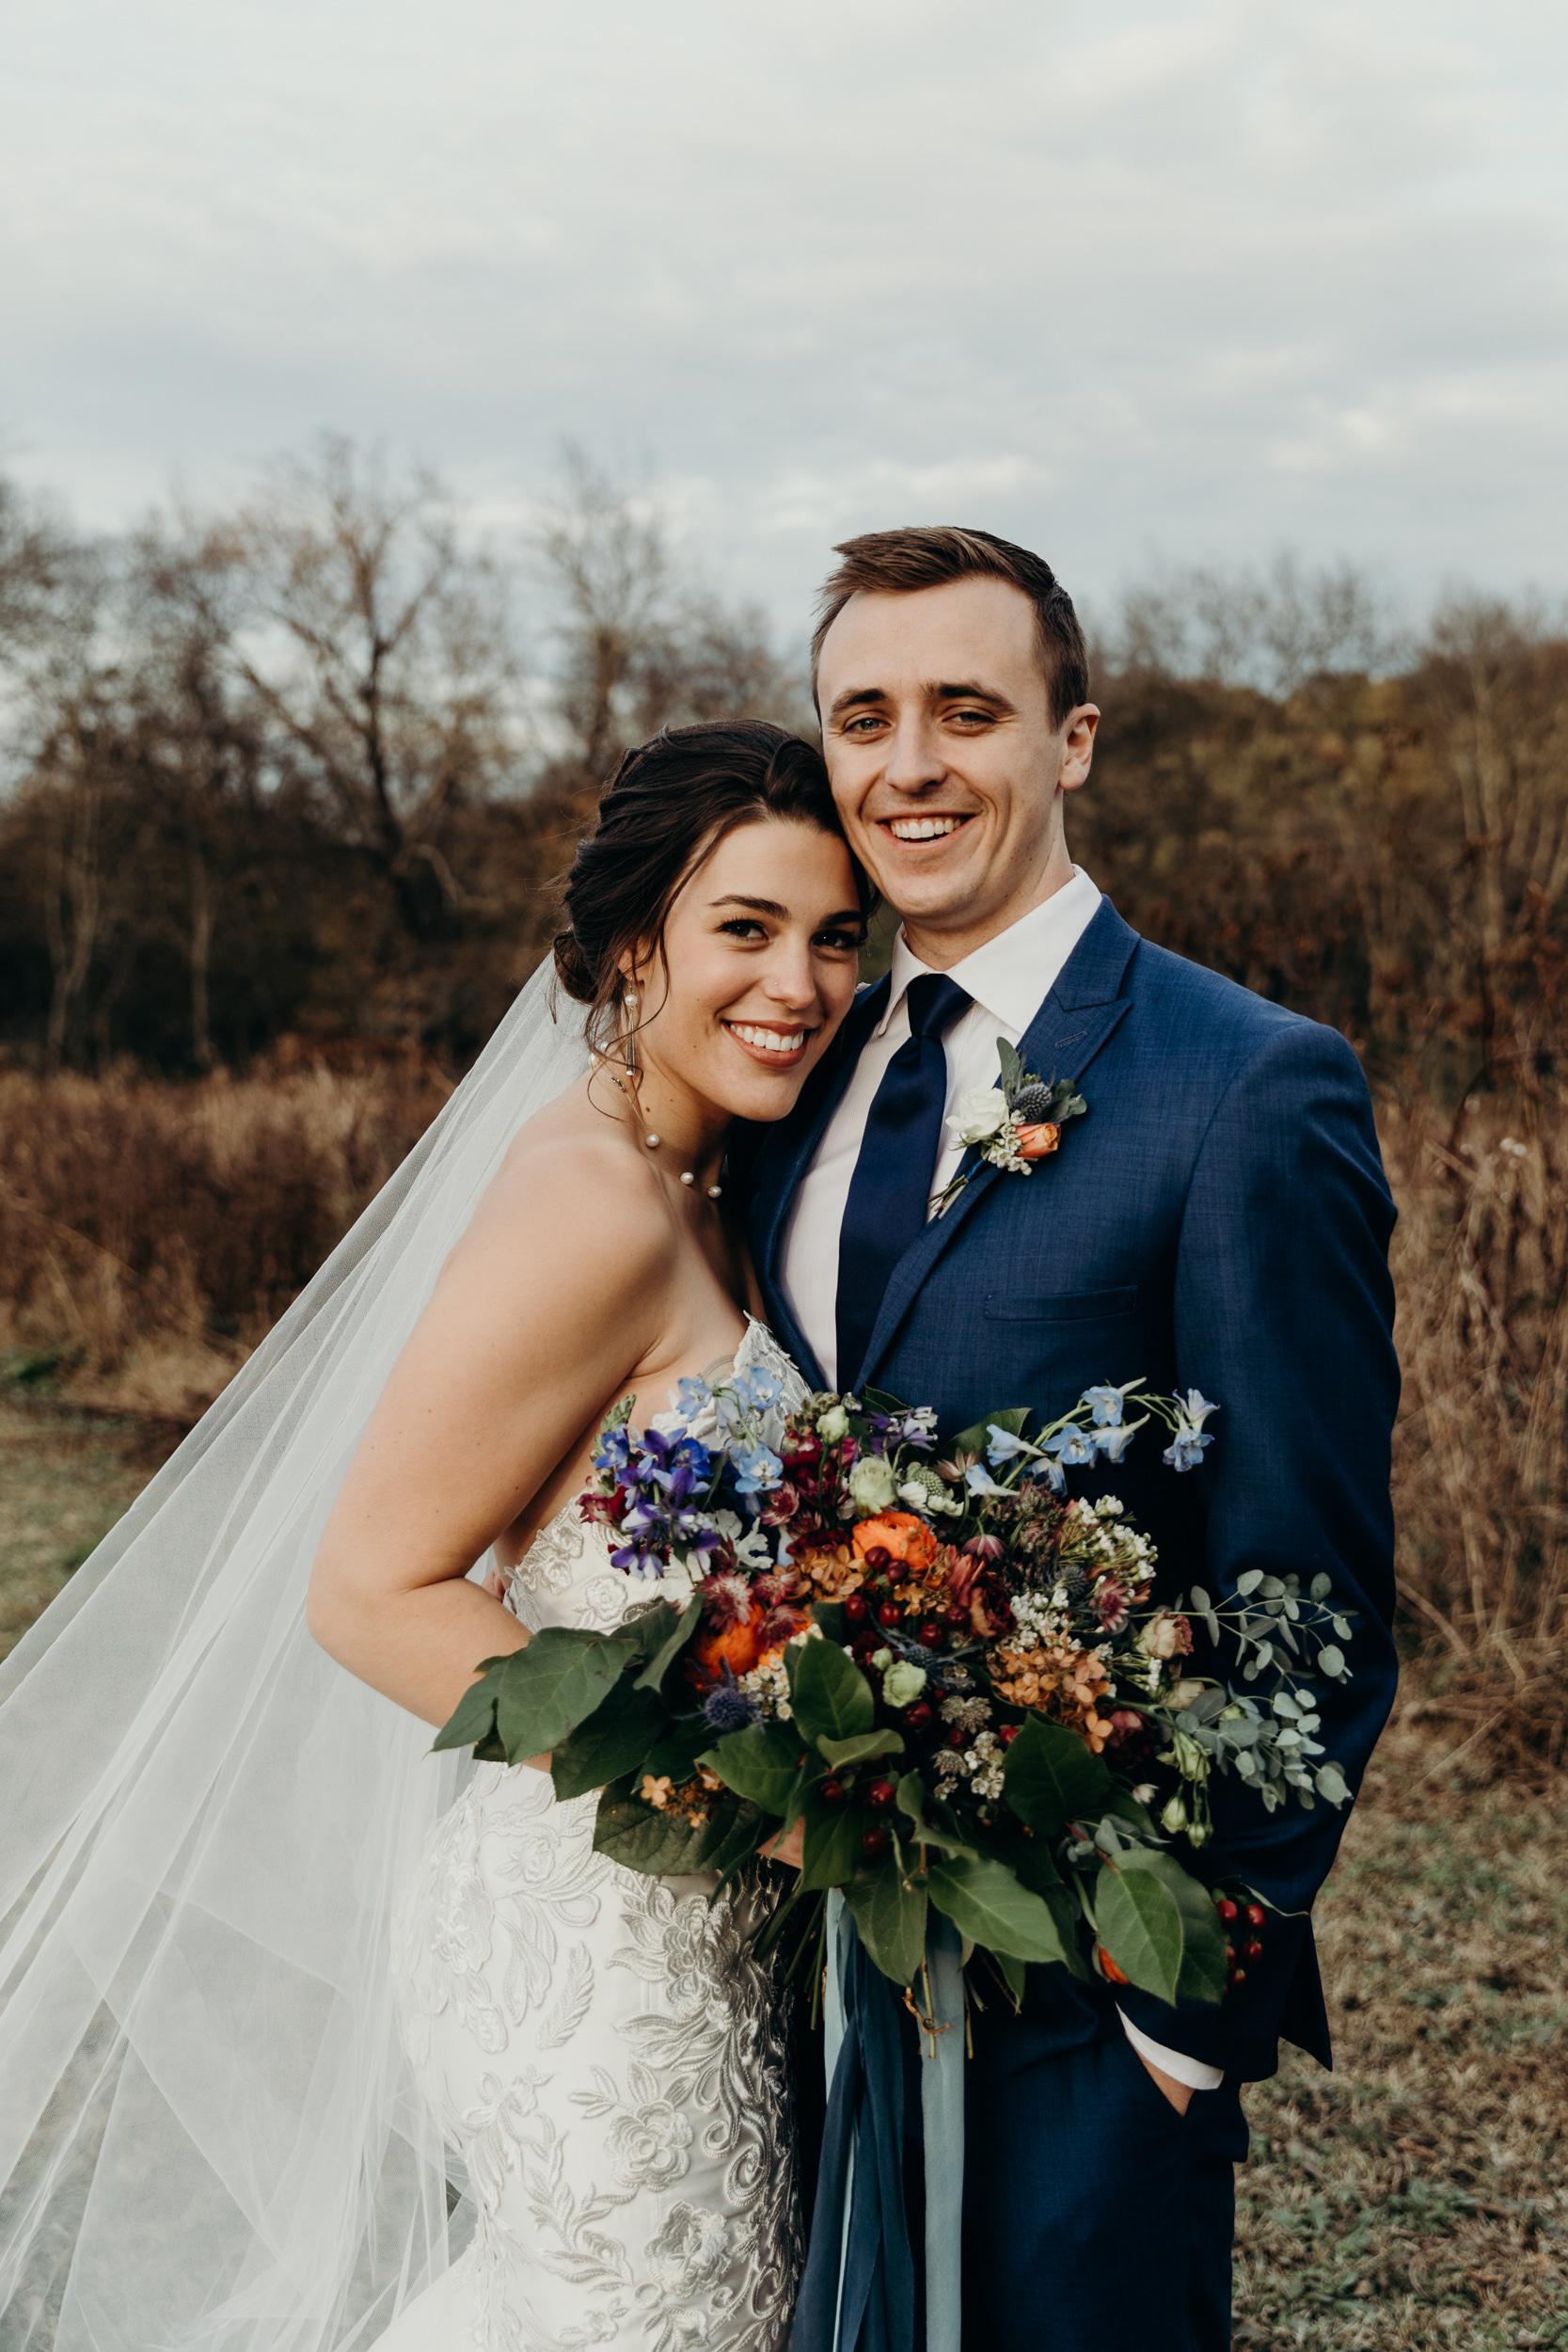 626-ltw-morgan-adam-wedding.jpg